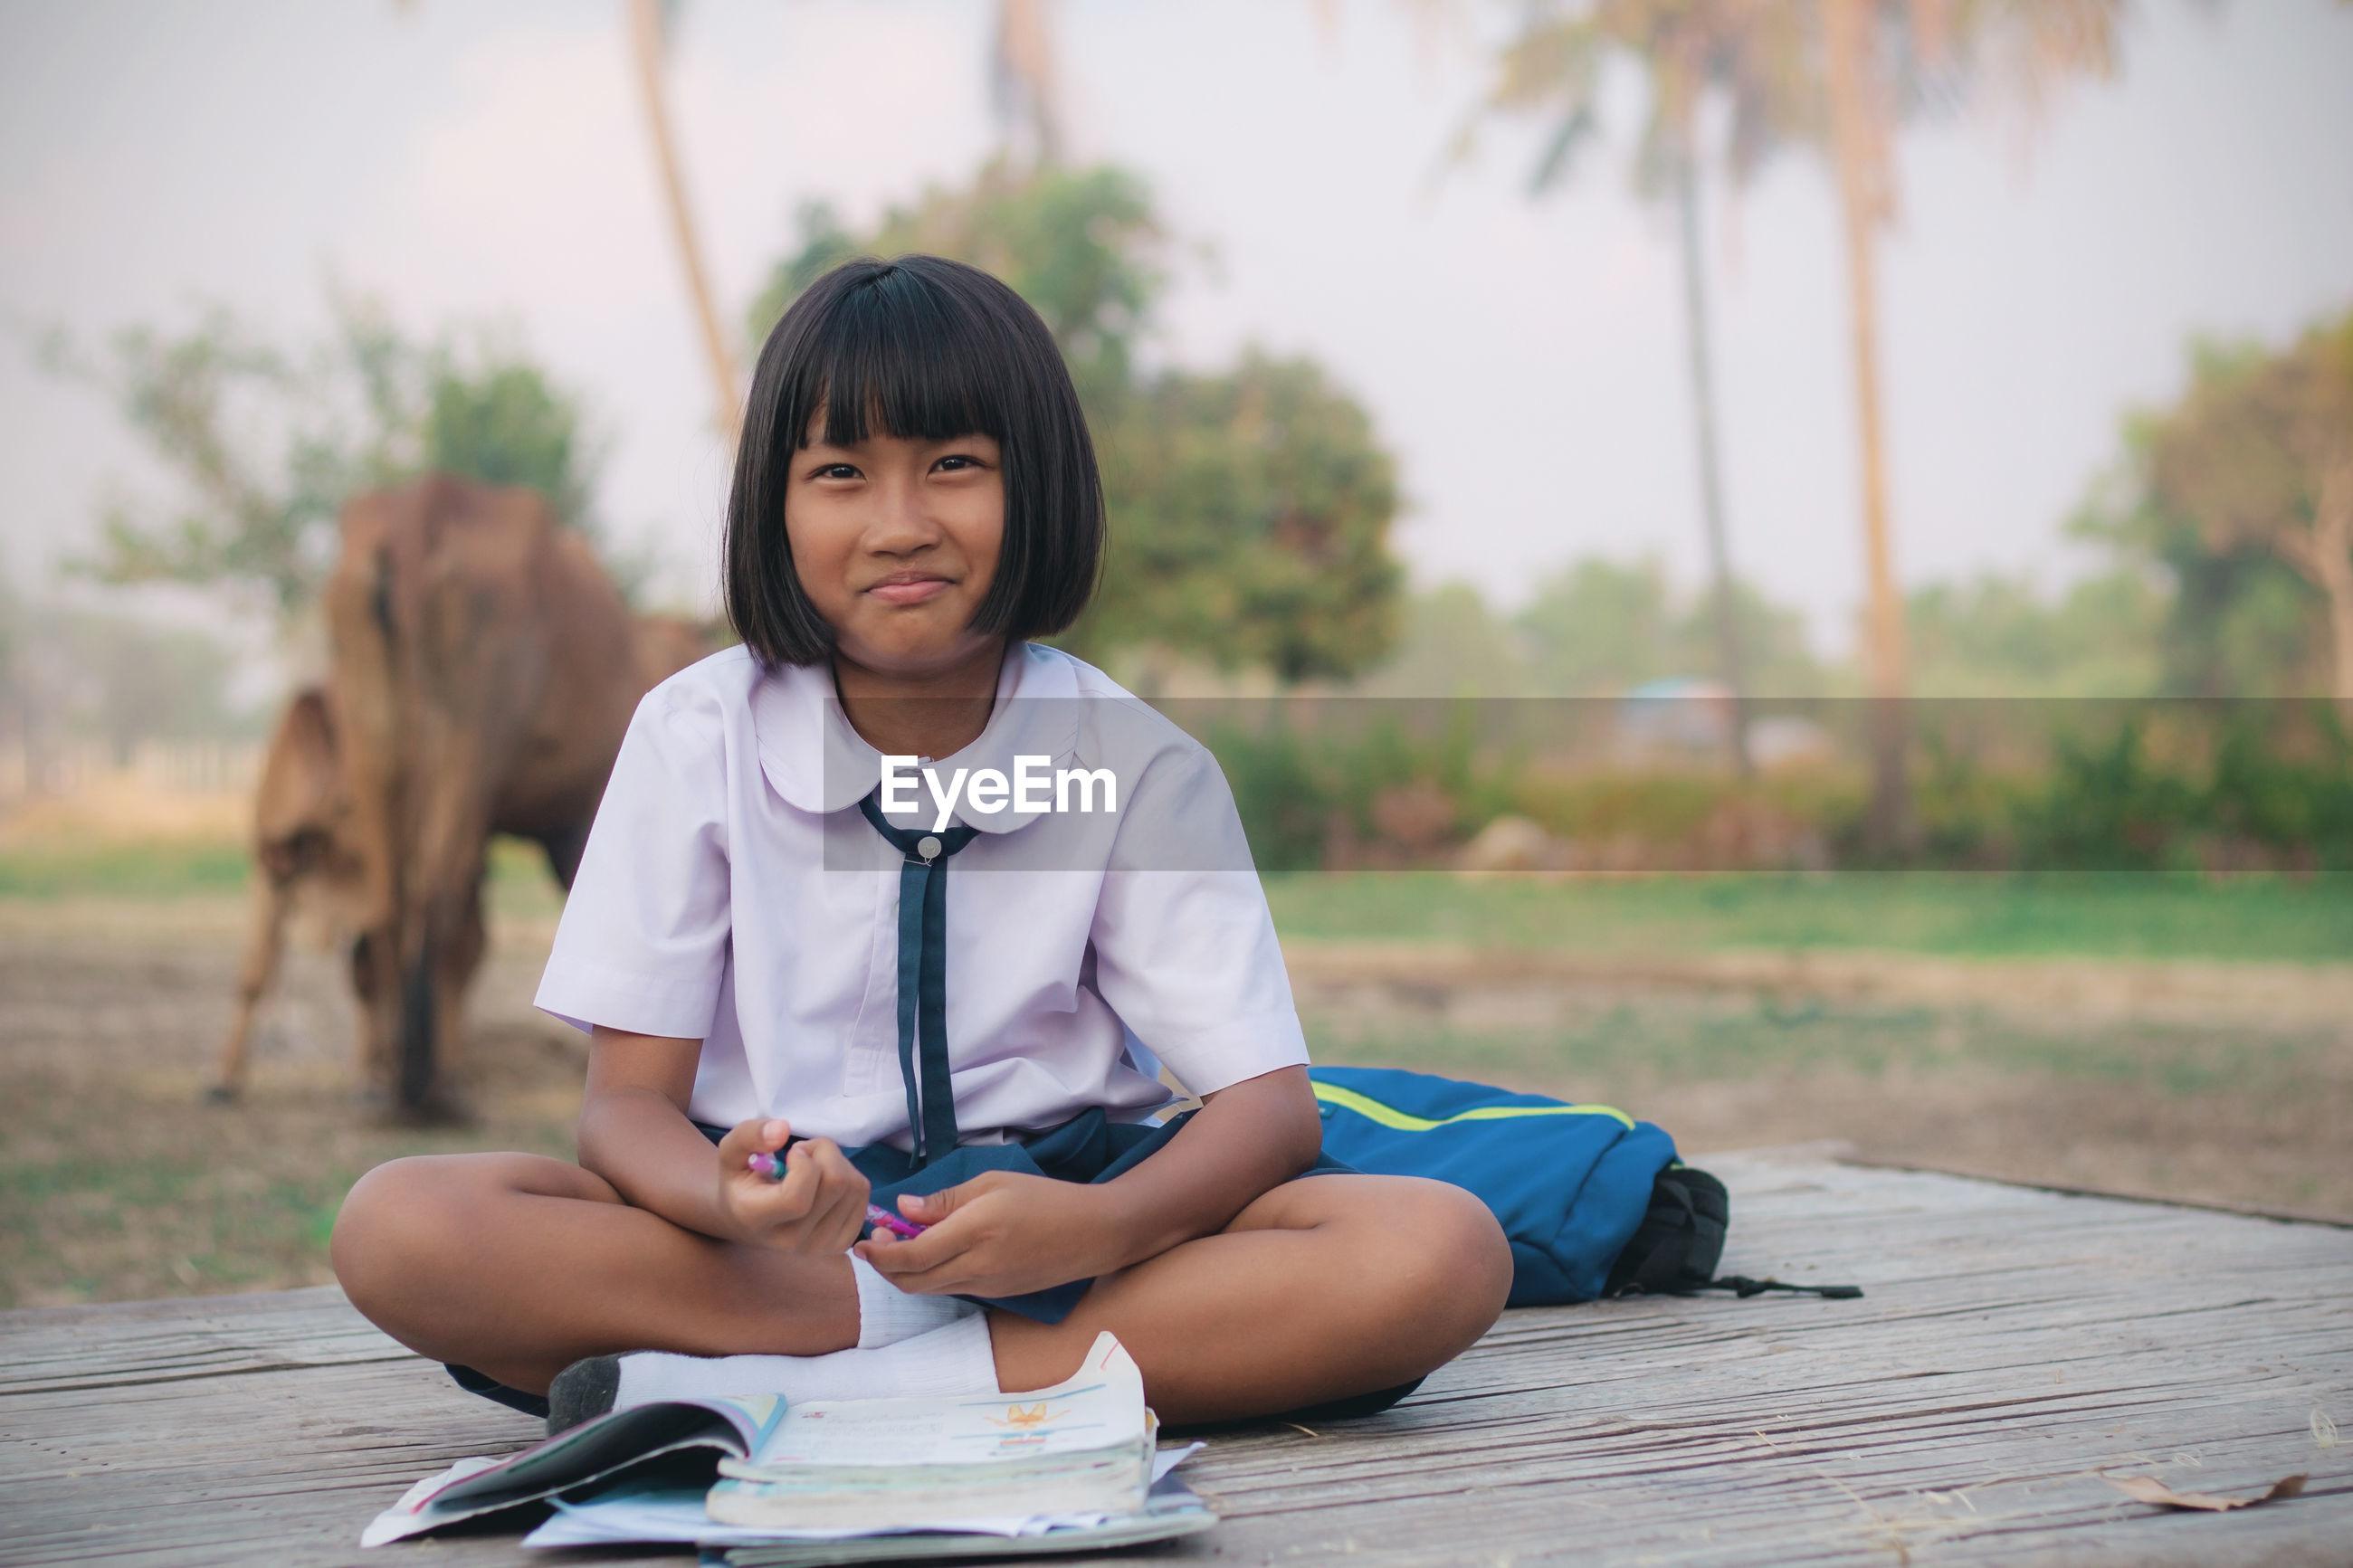 Portrait of smiling schoolgirl studying outdoors